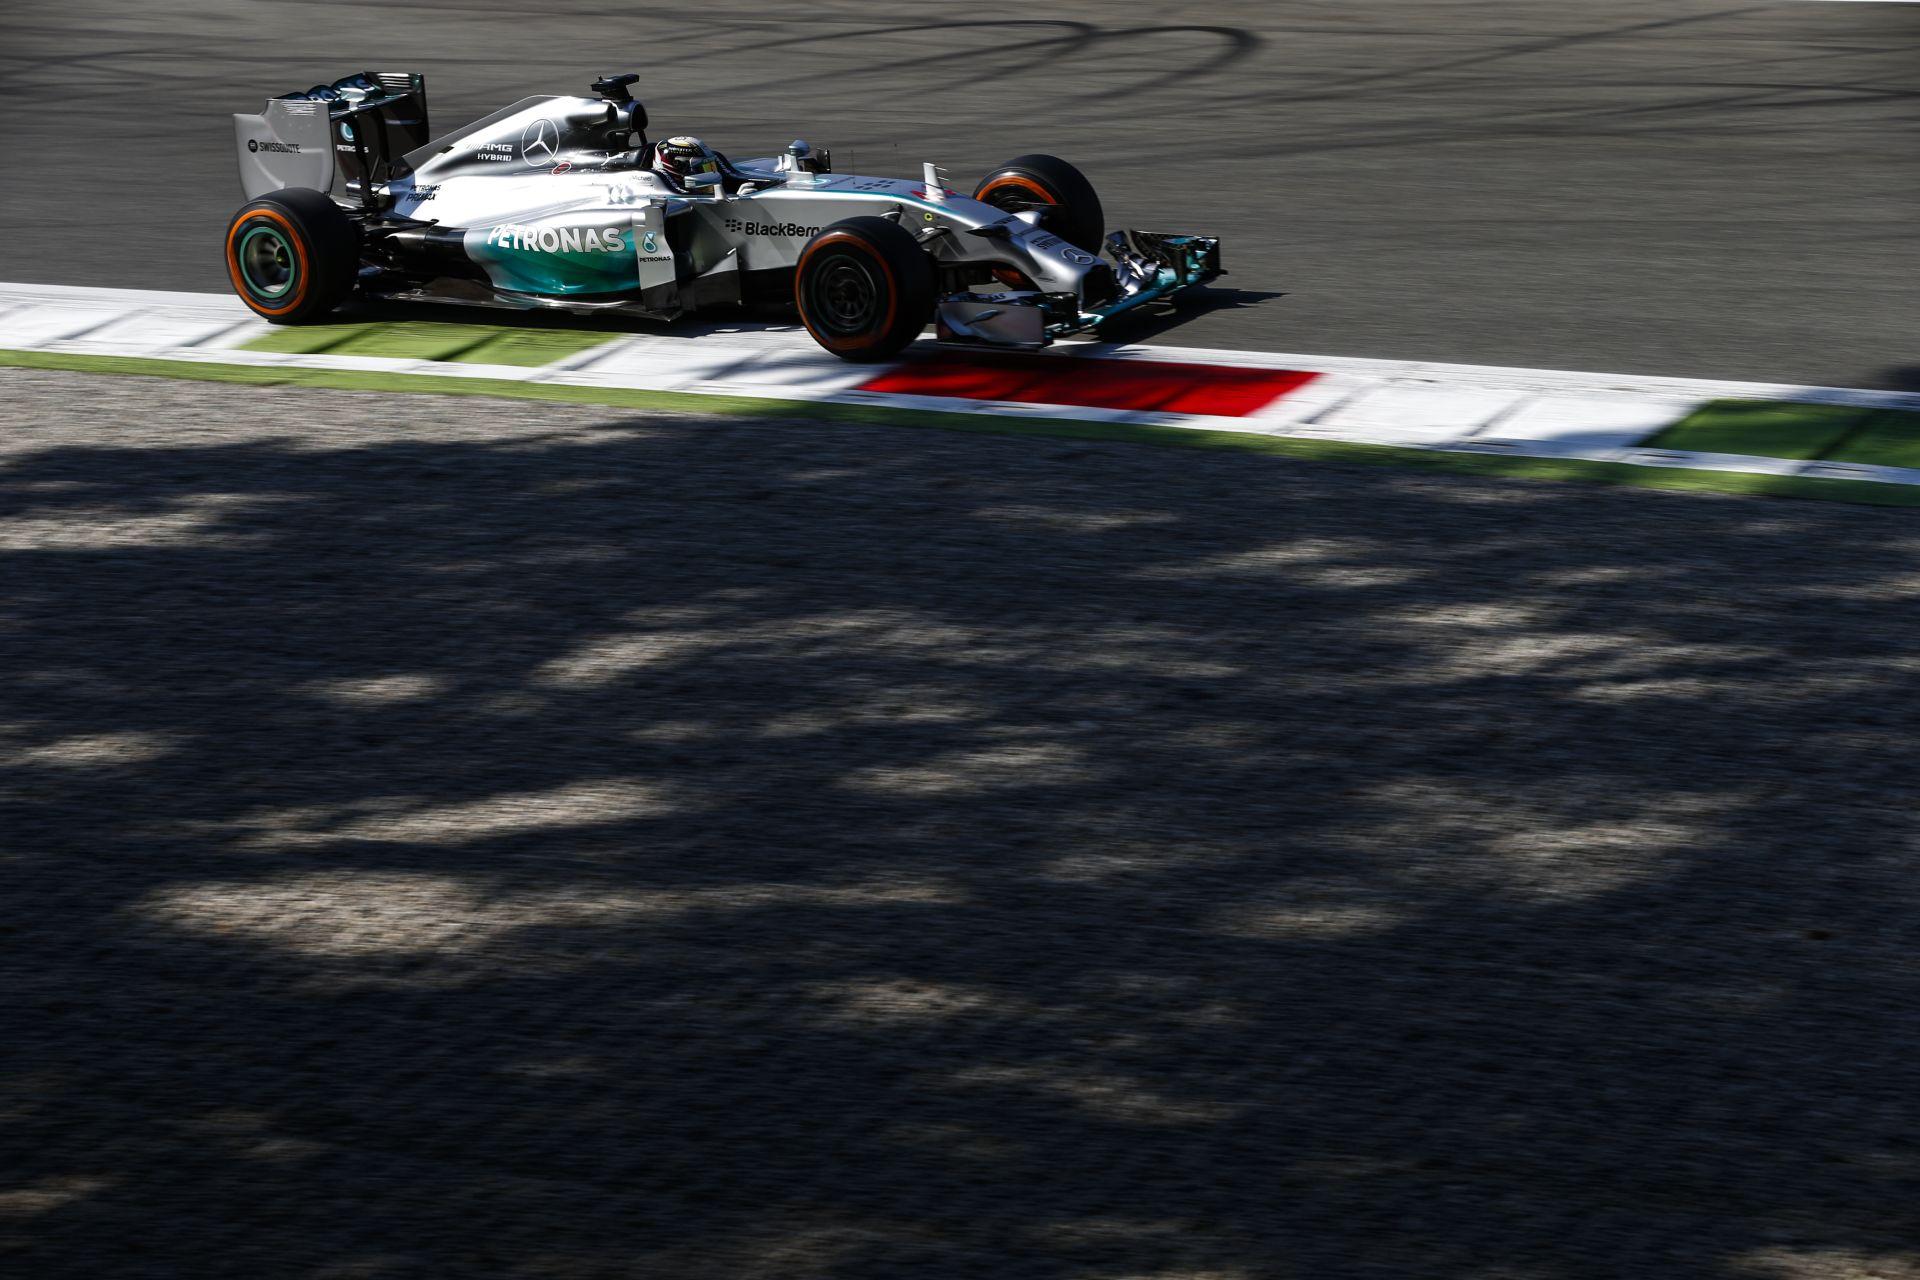 Hamilton boldog, Rosberg szerint bármi megtörténhet vasárnap, addig Bottas befogná a Mercedest